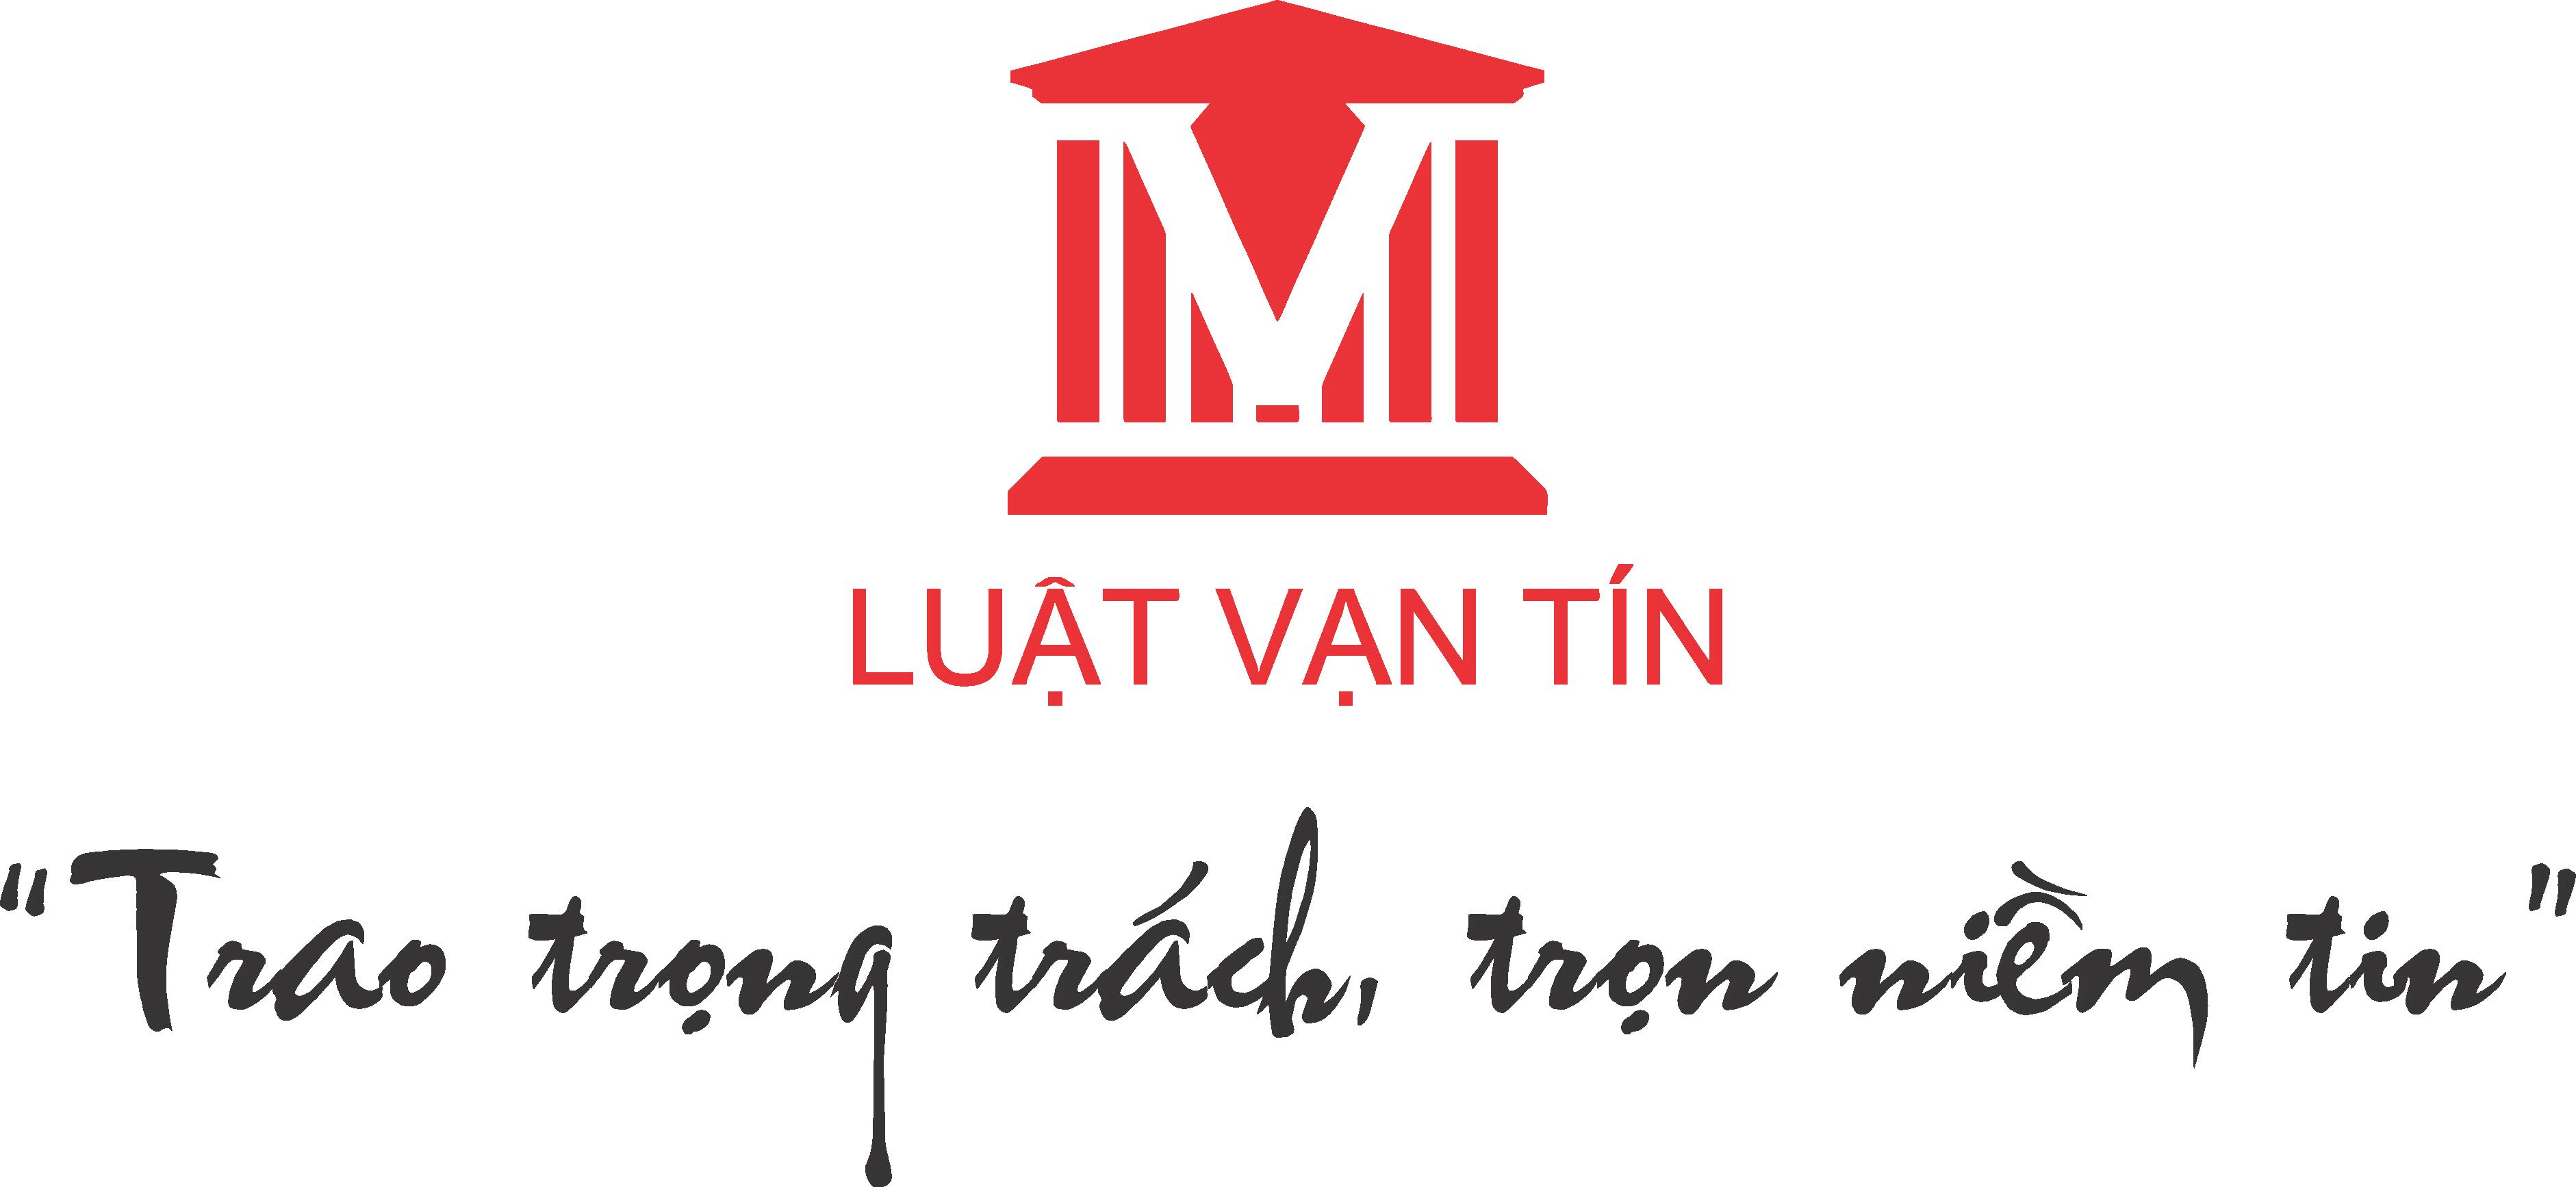 Luật sư nhà đất Tp. HCM